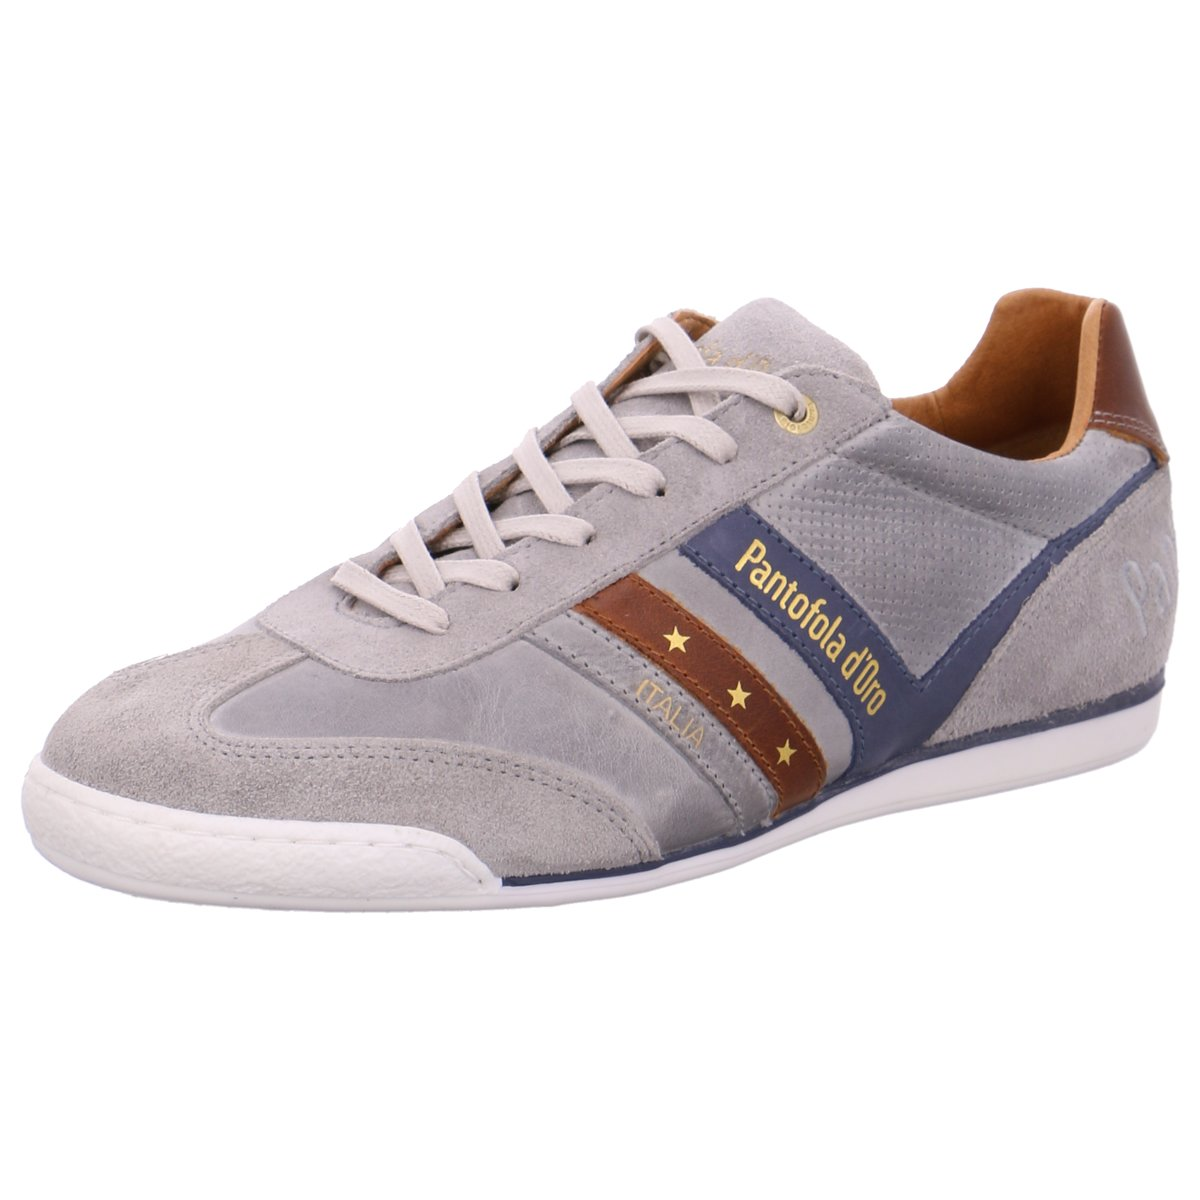 NEU Pantofola d` Oro Herren Sneaker 10181 1026 grau 410215